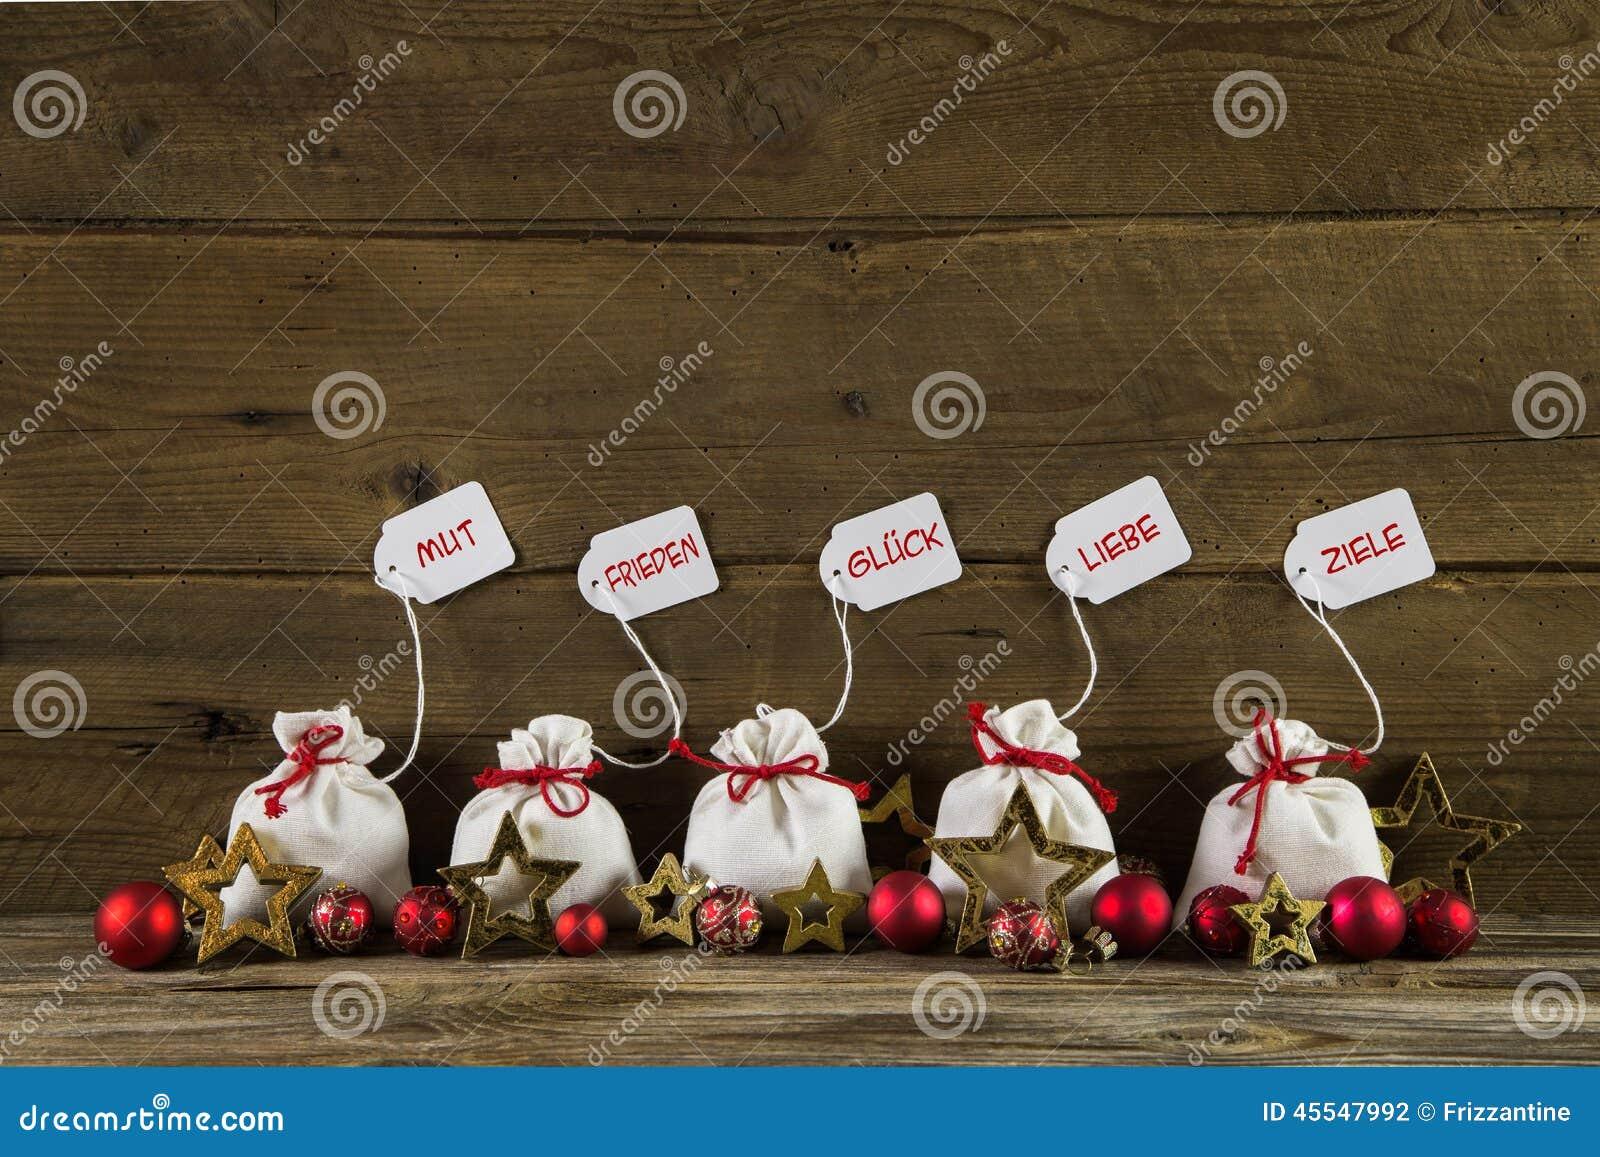 deutsche weihnachtsgr e mit geschenken und text auf h lzerner r ckseite stockfoto bild von